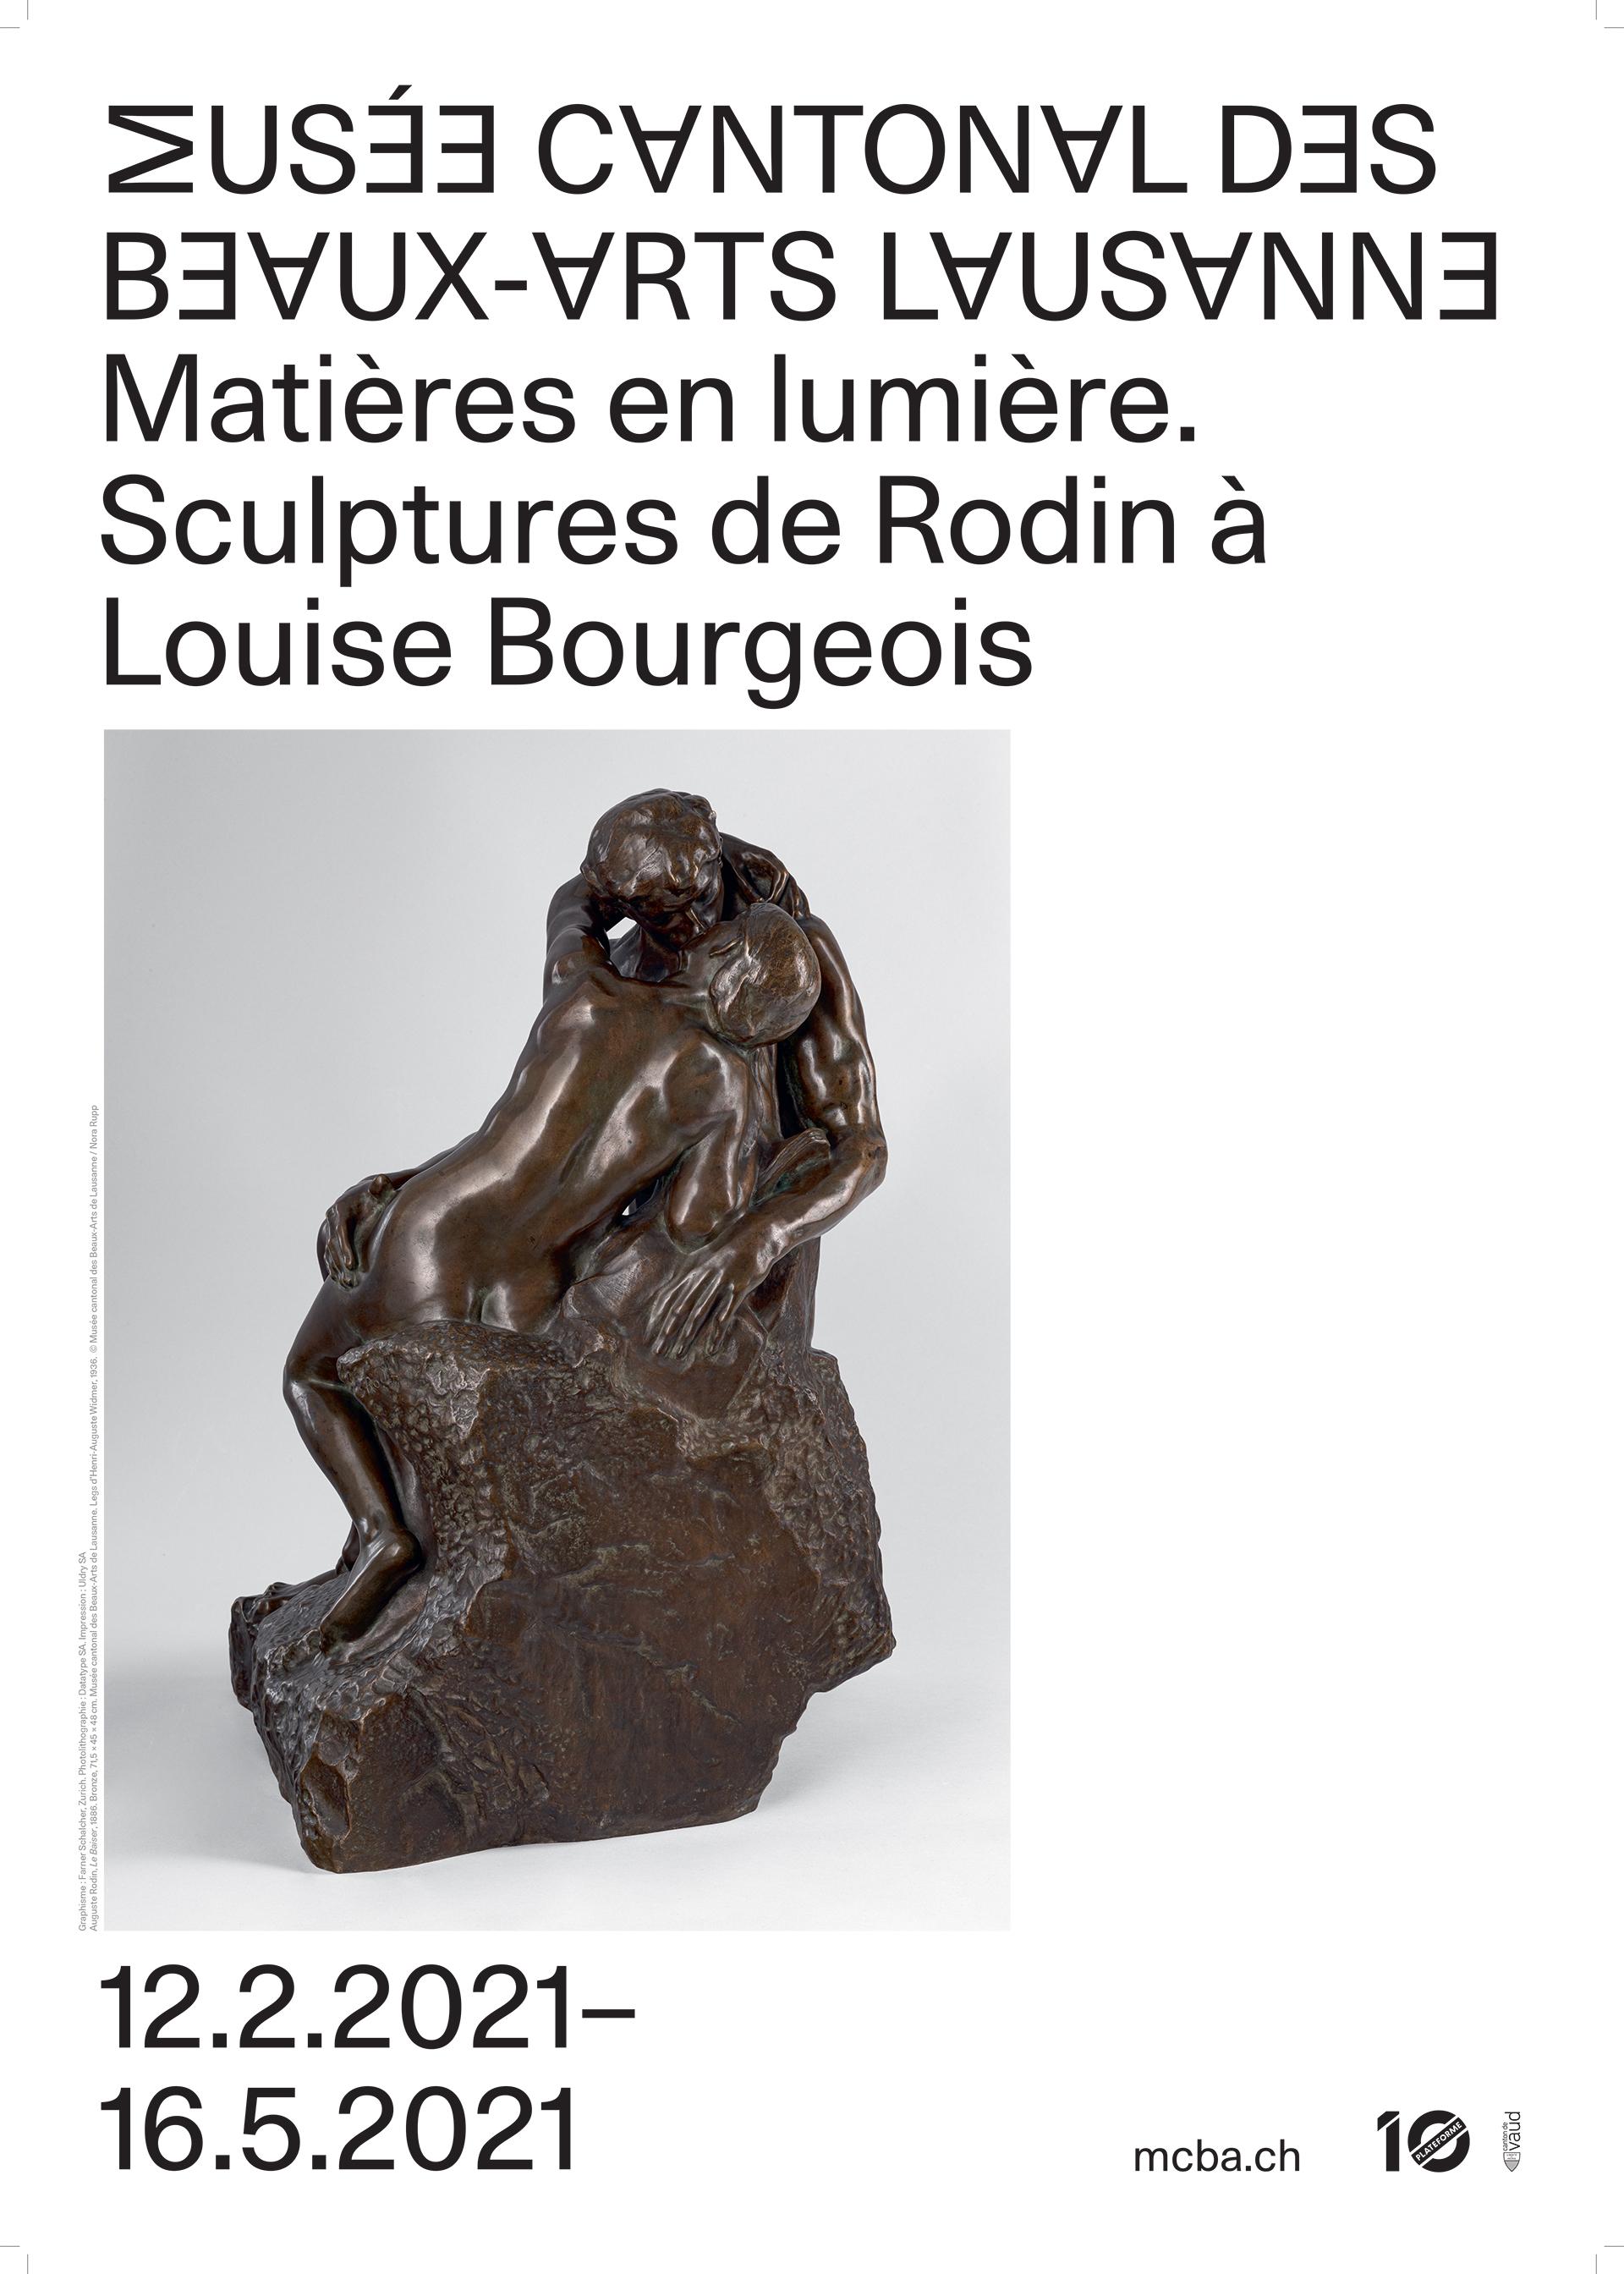 Matières en lumière. Sculptures de Rodin à Louise Bourgeois